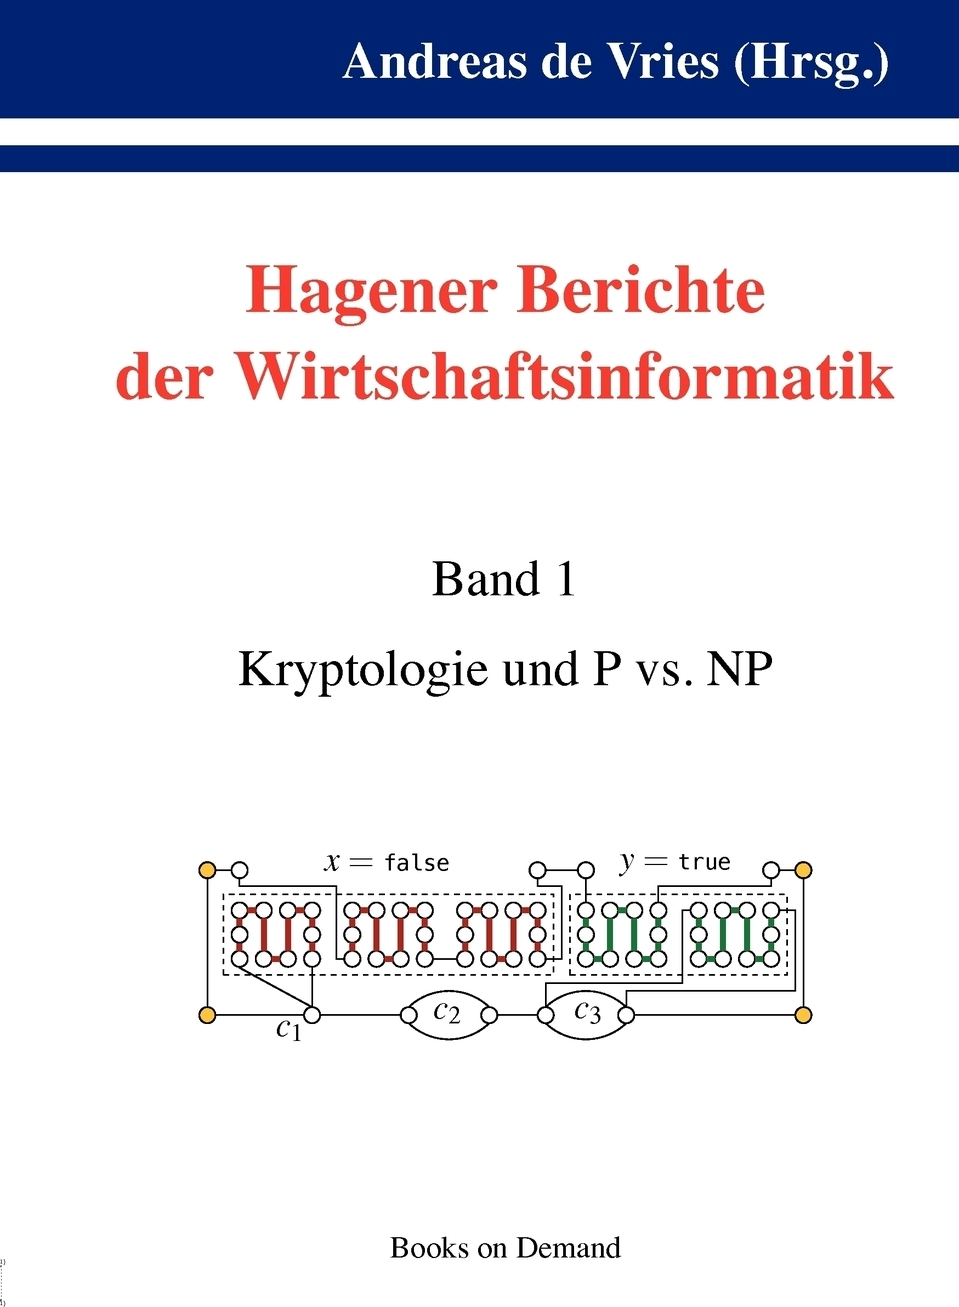 Hagener Berichte der Wirtschaftsinformatik